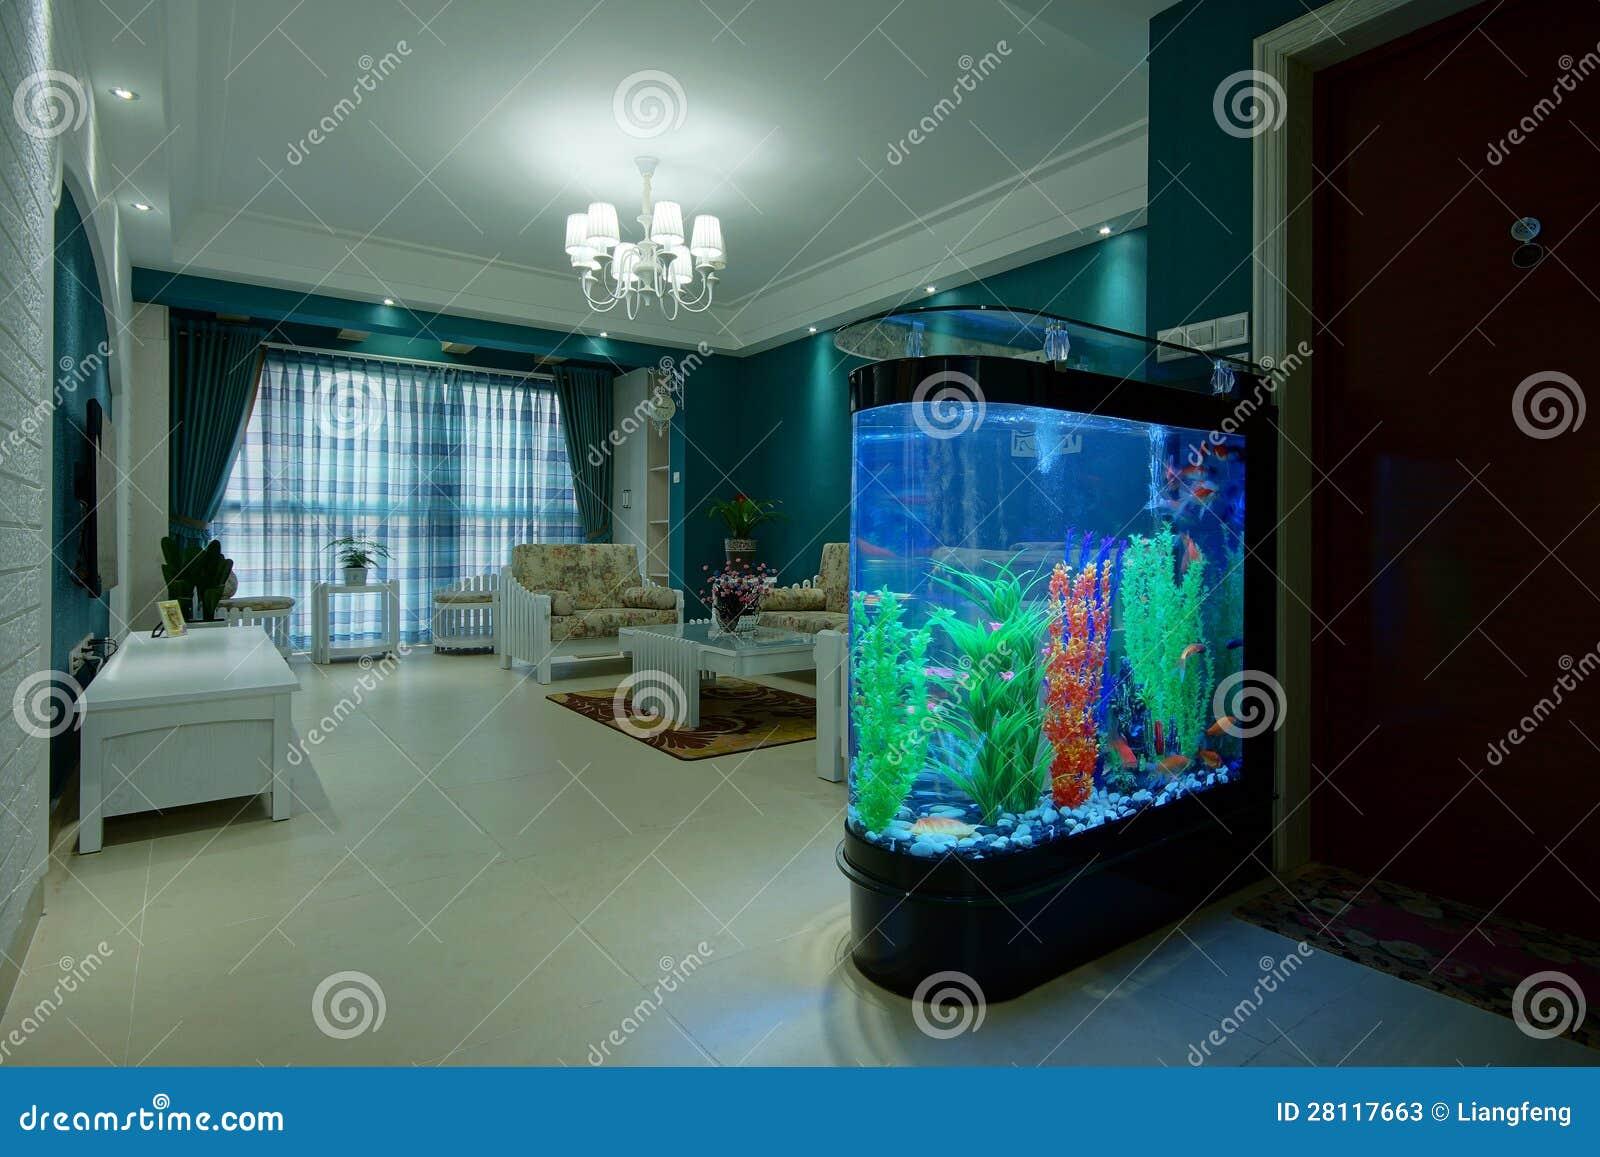 Wohnzimmer aquarium stockbild bild von freizeit beleuchtung 28117663 - Aquarium wohnzimmer ...